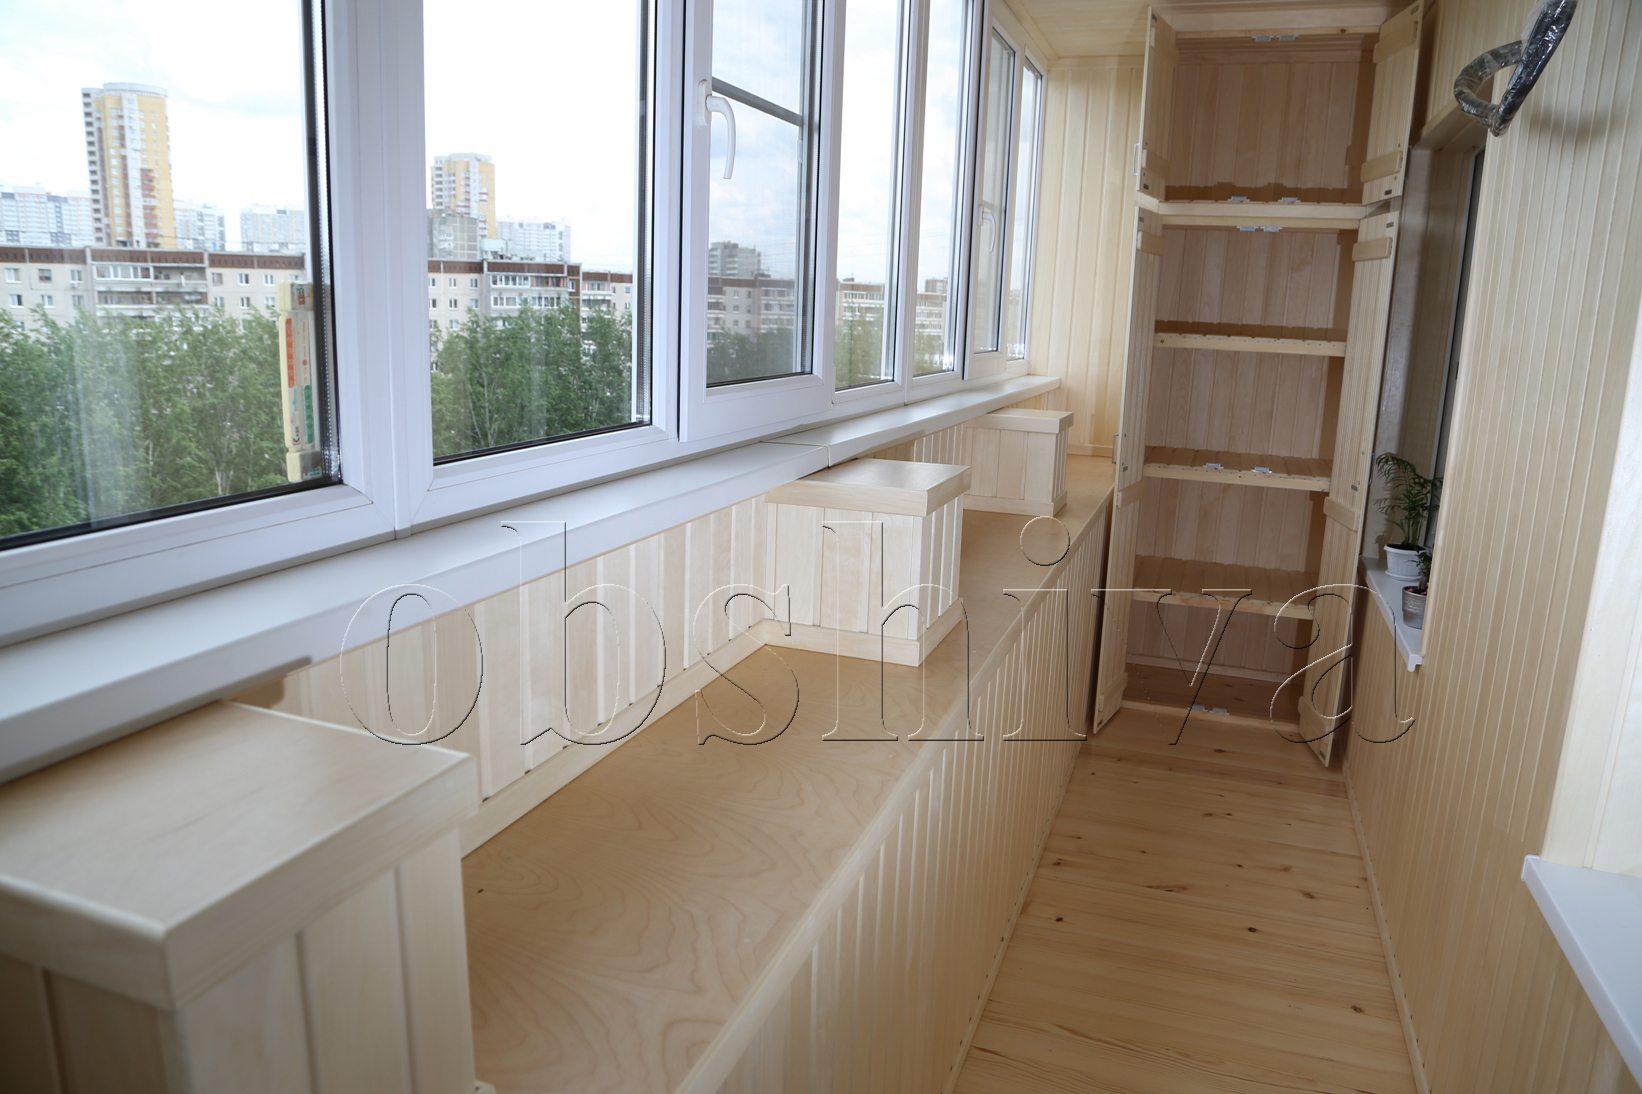 Ремонт на балконе своими руками фото варианты отделки 37